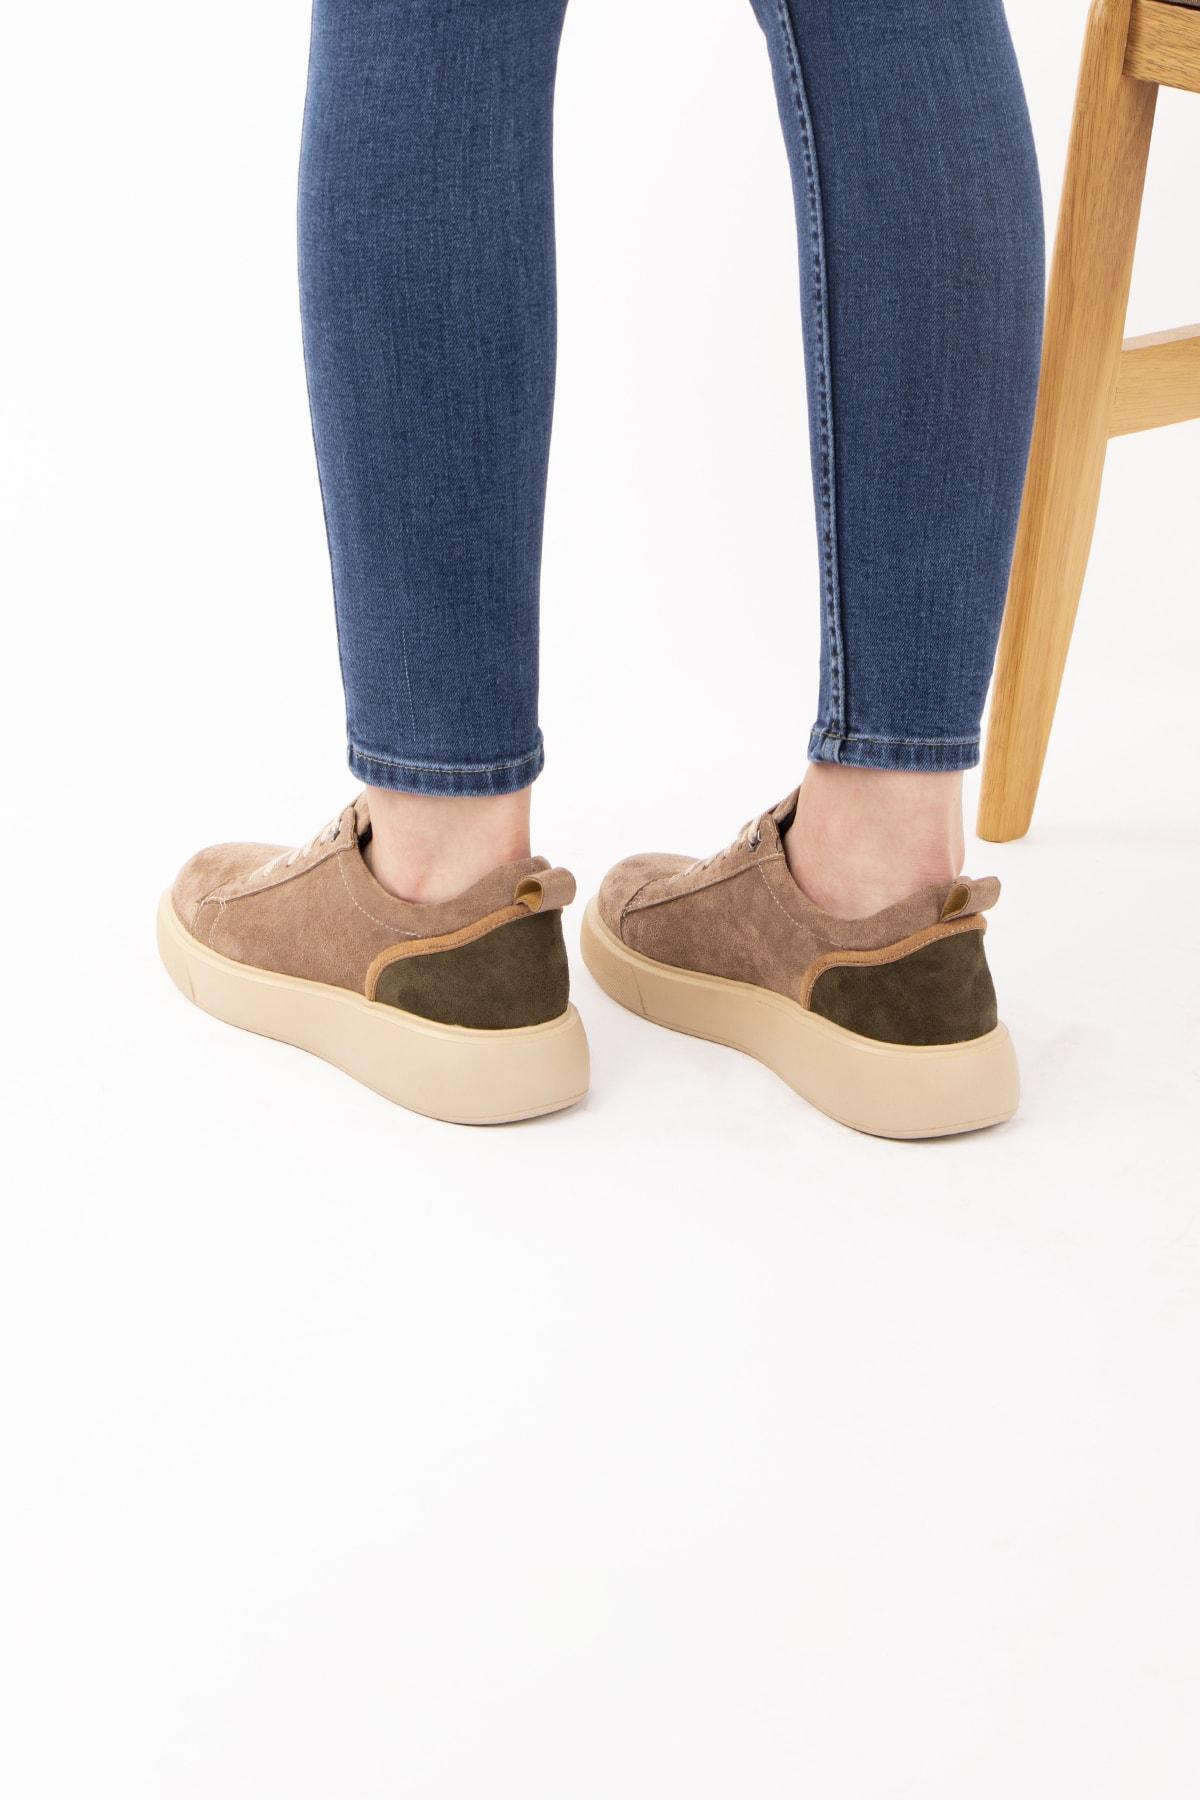 Caddemoda Kadın Vizon Süet Ayakkabı 2